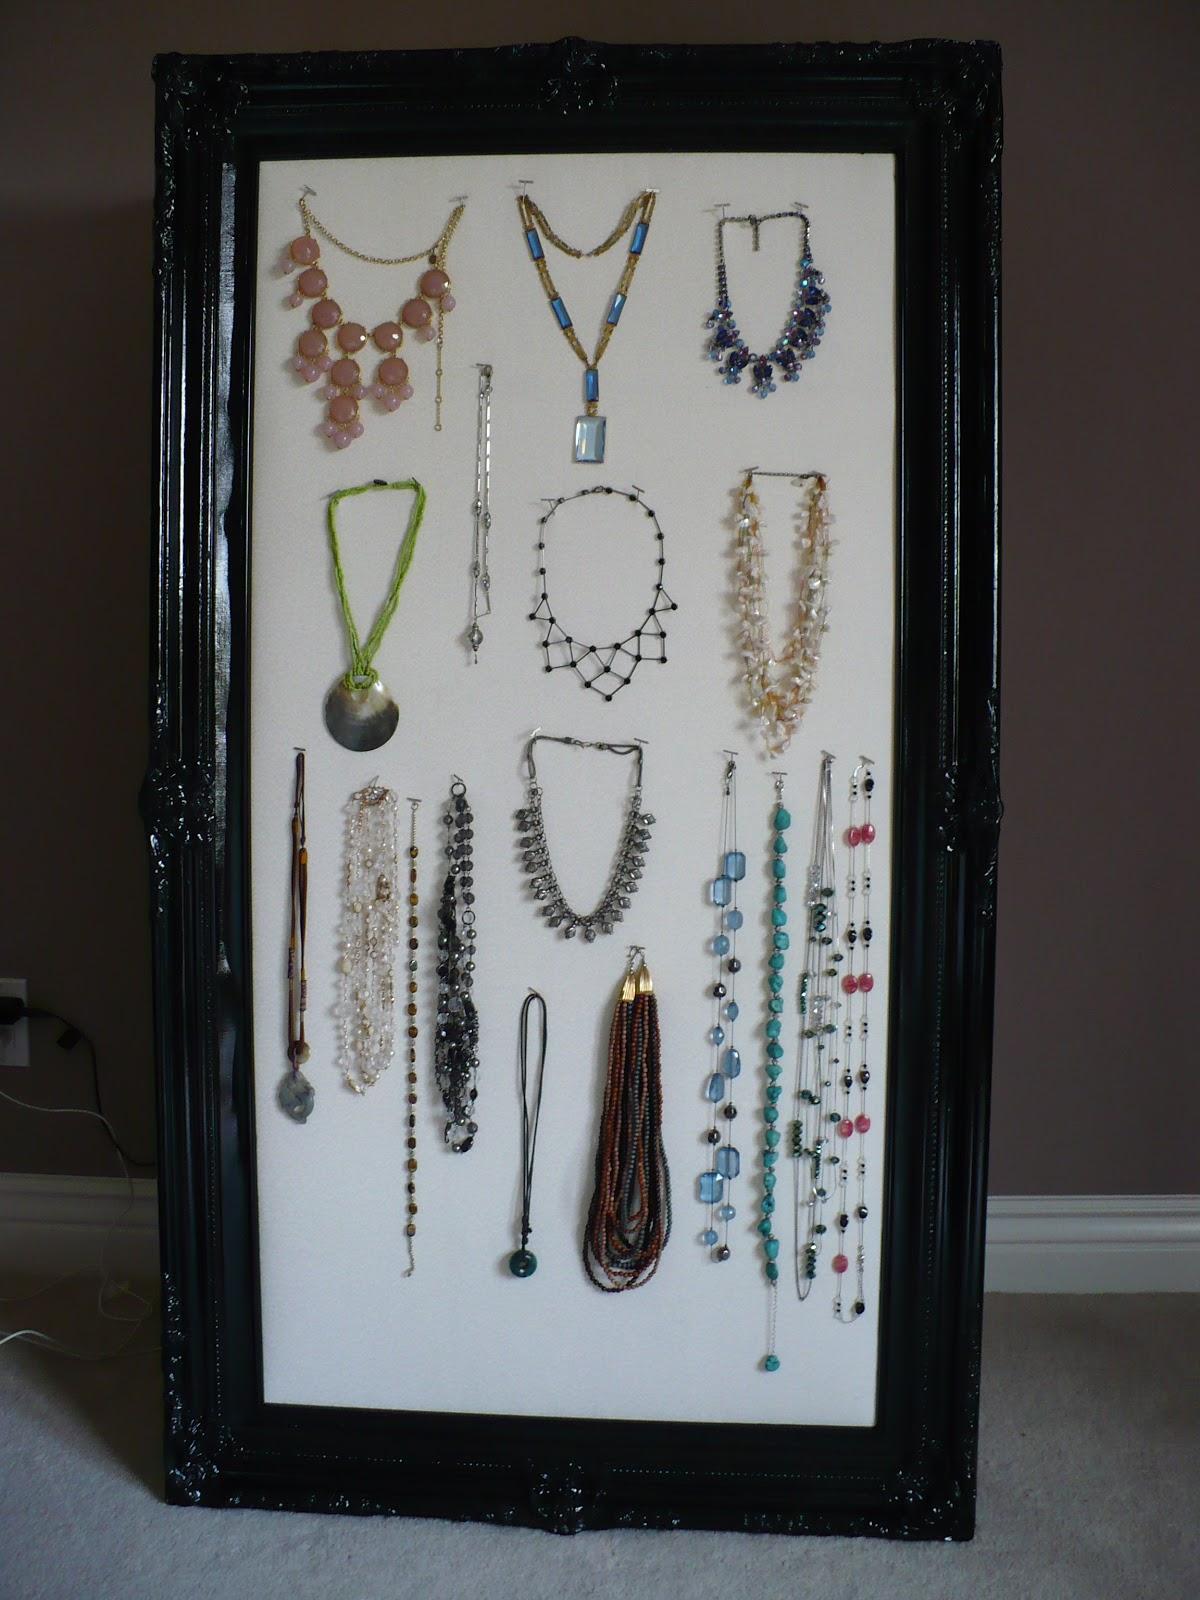 How to Make a DIY Jewelry Organizer POPSUGAR Home